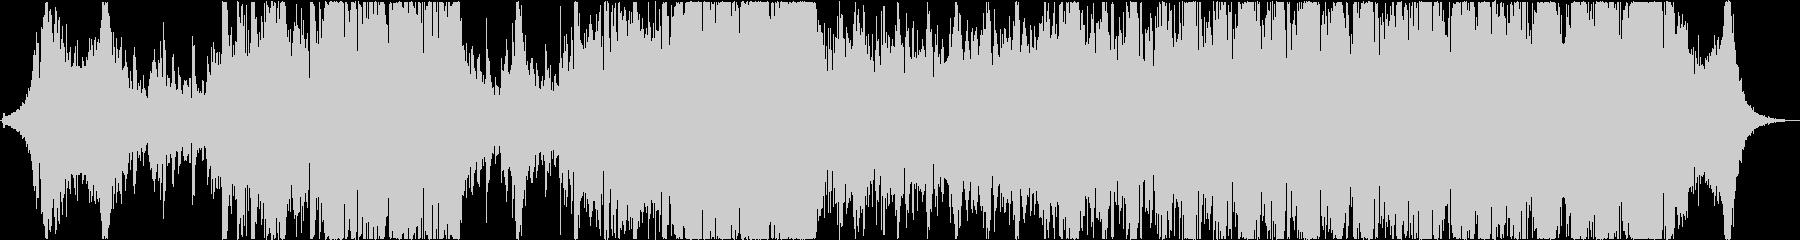 琴と太鼓が印象的な激しいバトル曲の未再生の波形